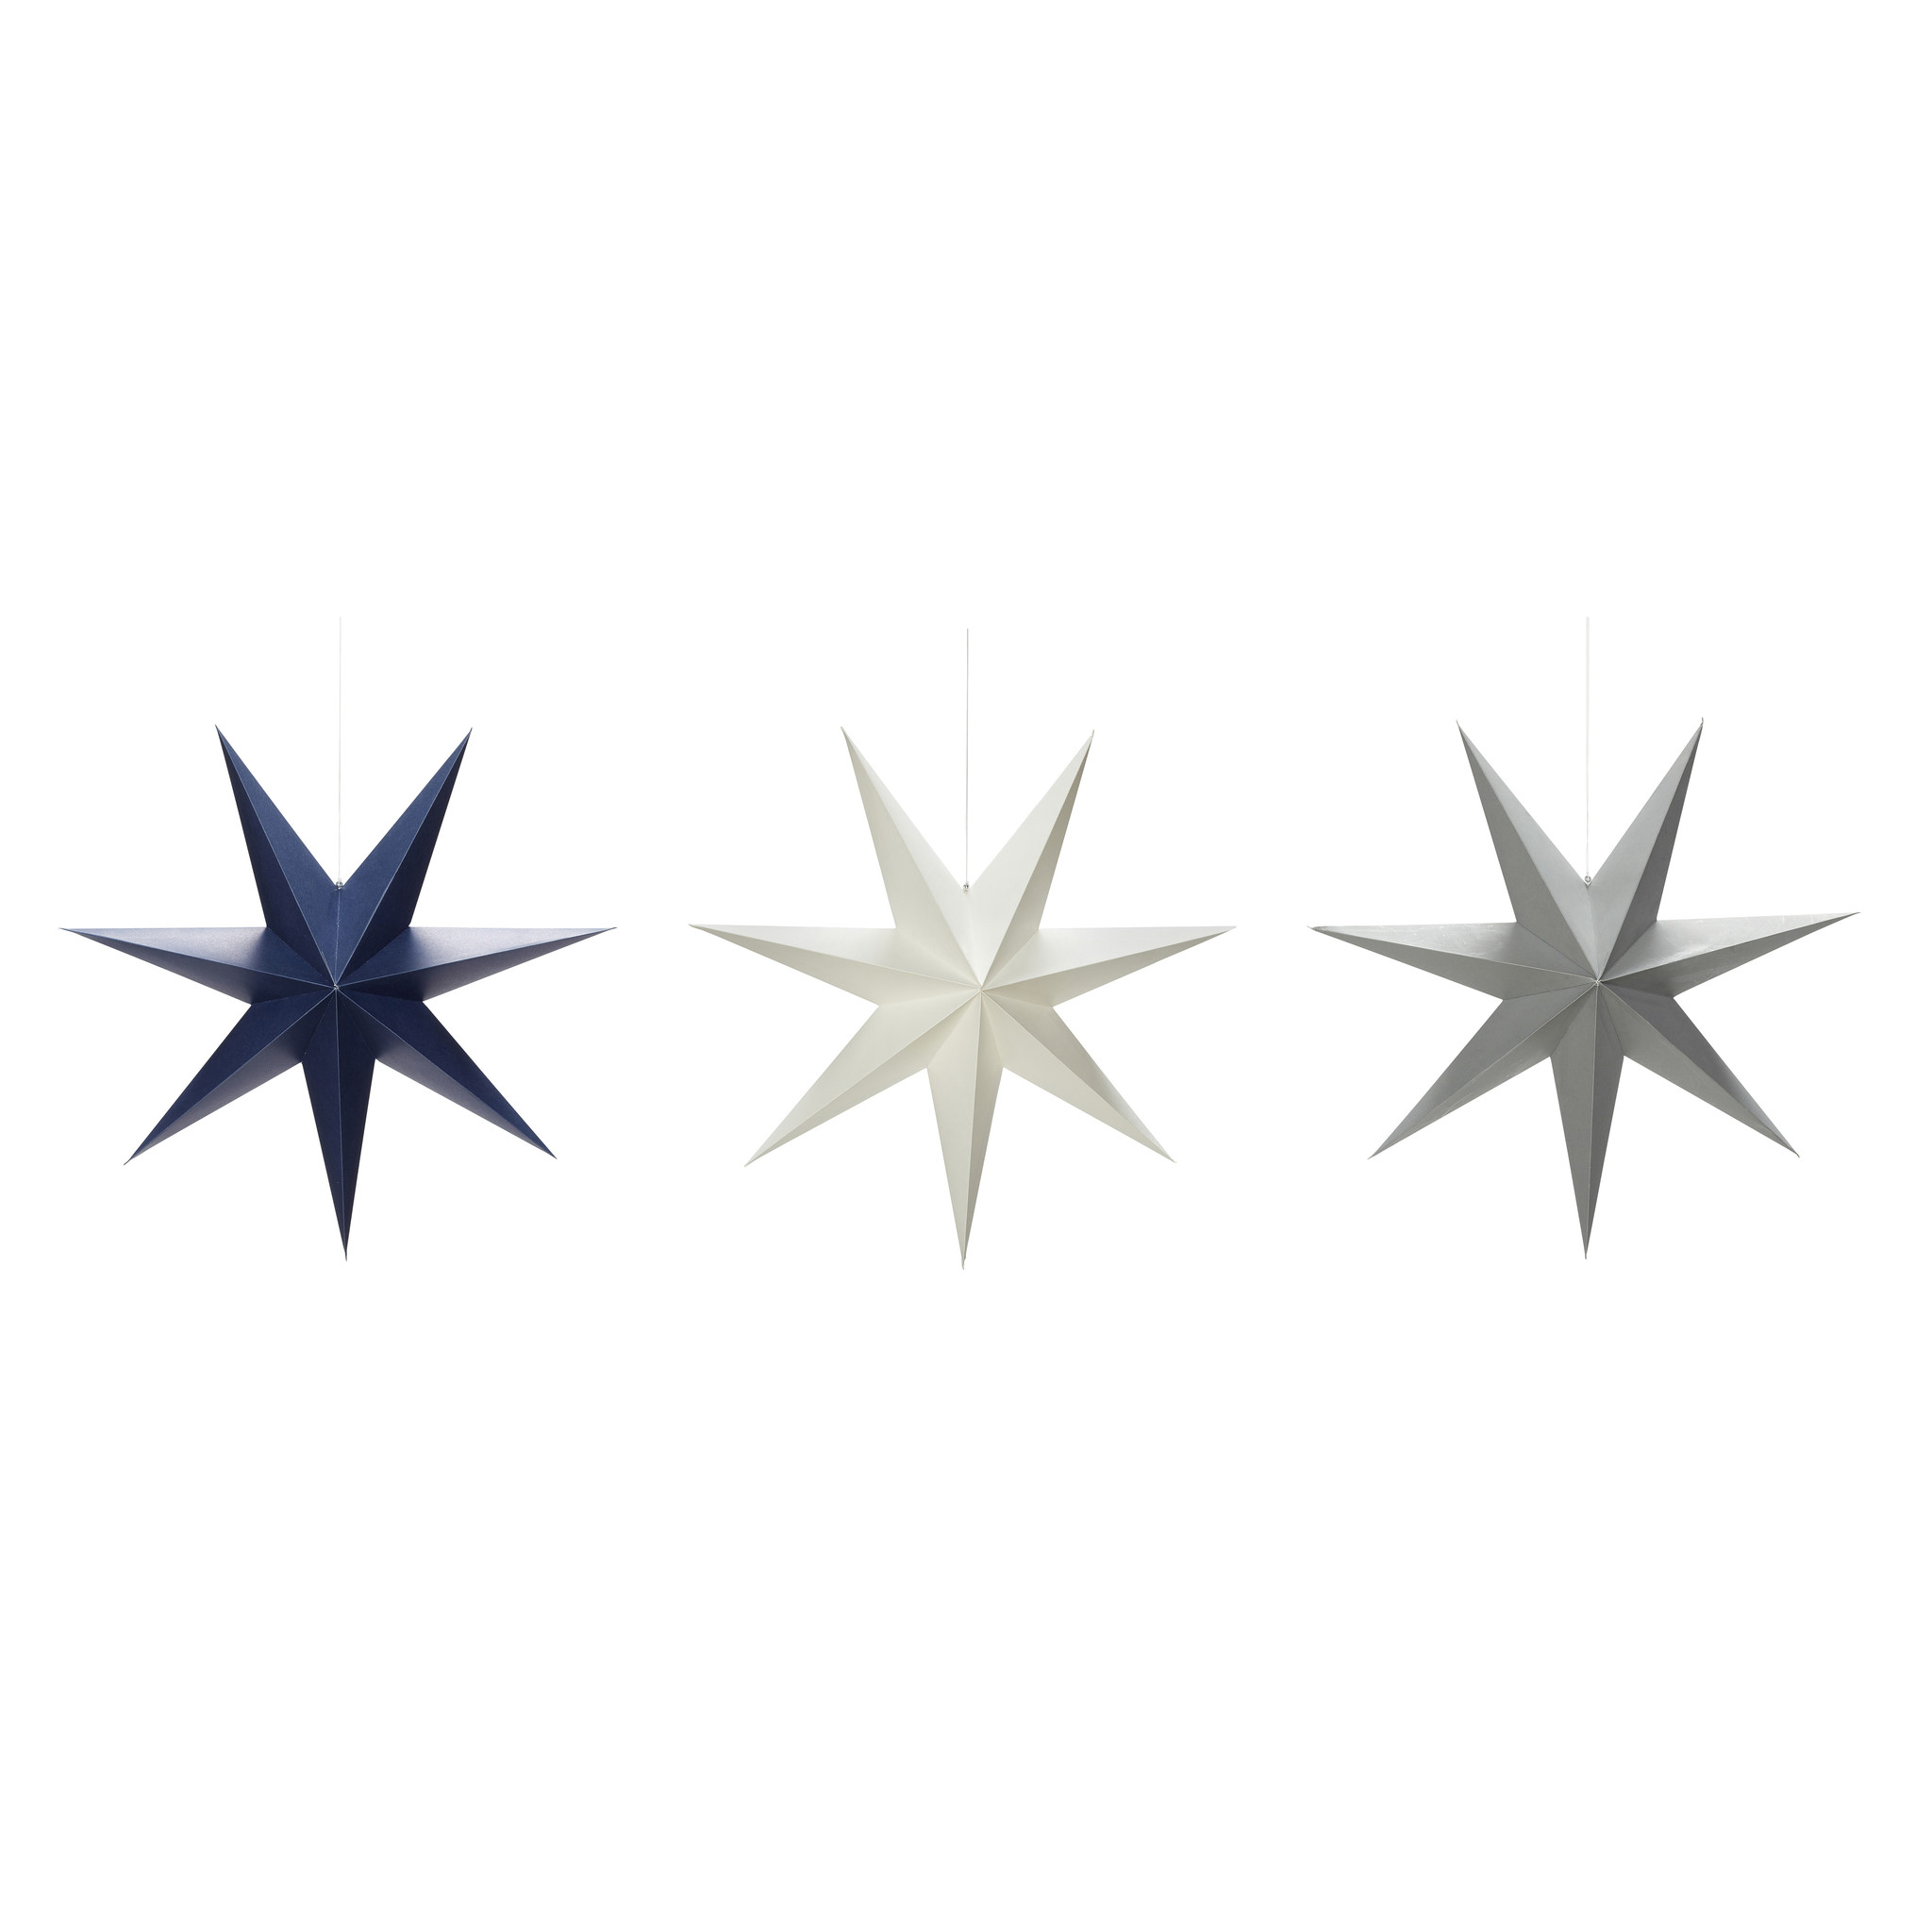 Hubsch Kerstster, handgevouwen, grijset van wit / blauw, papier, set van 3